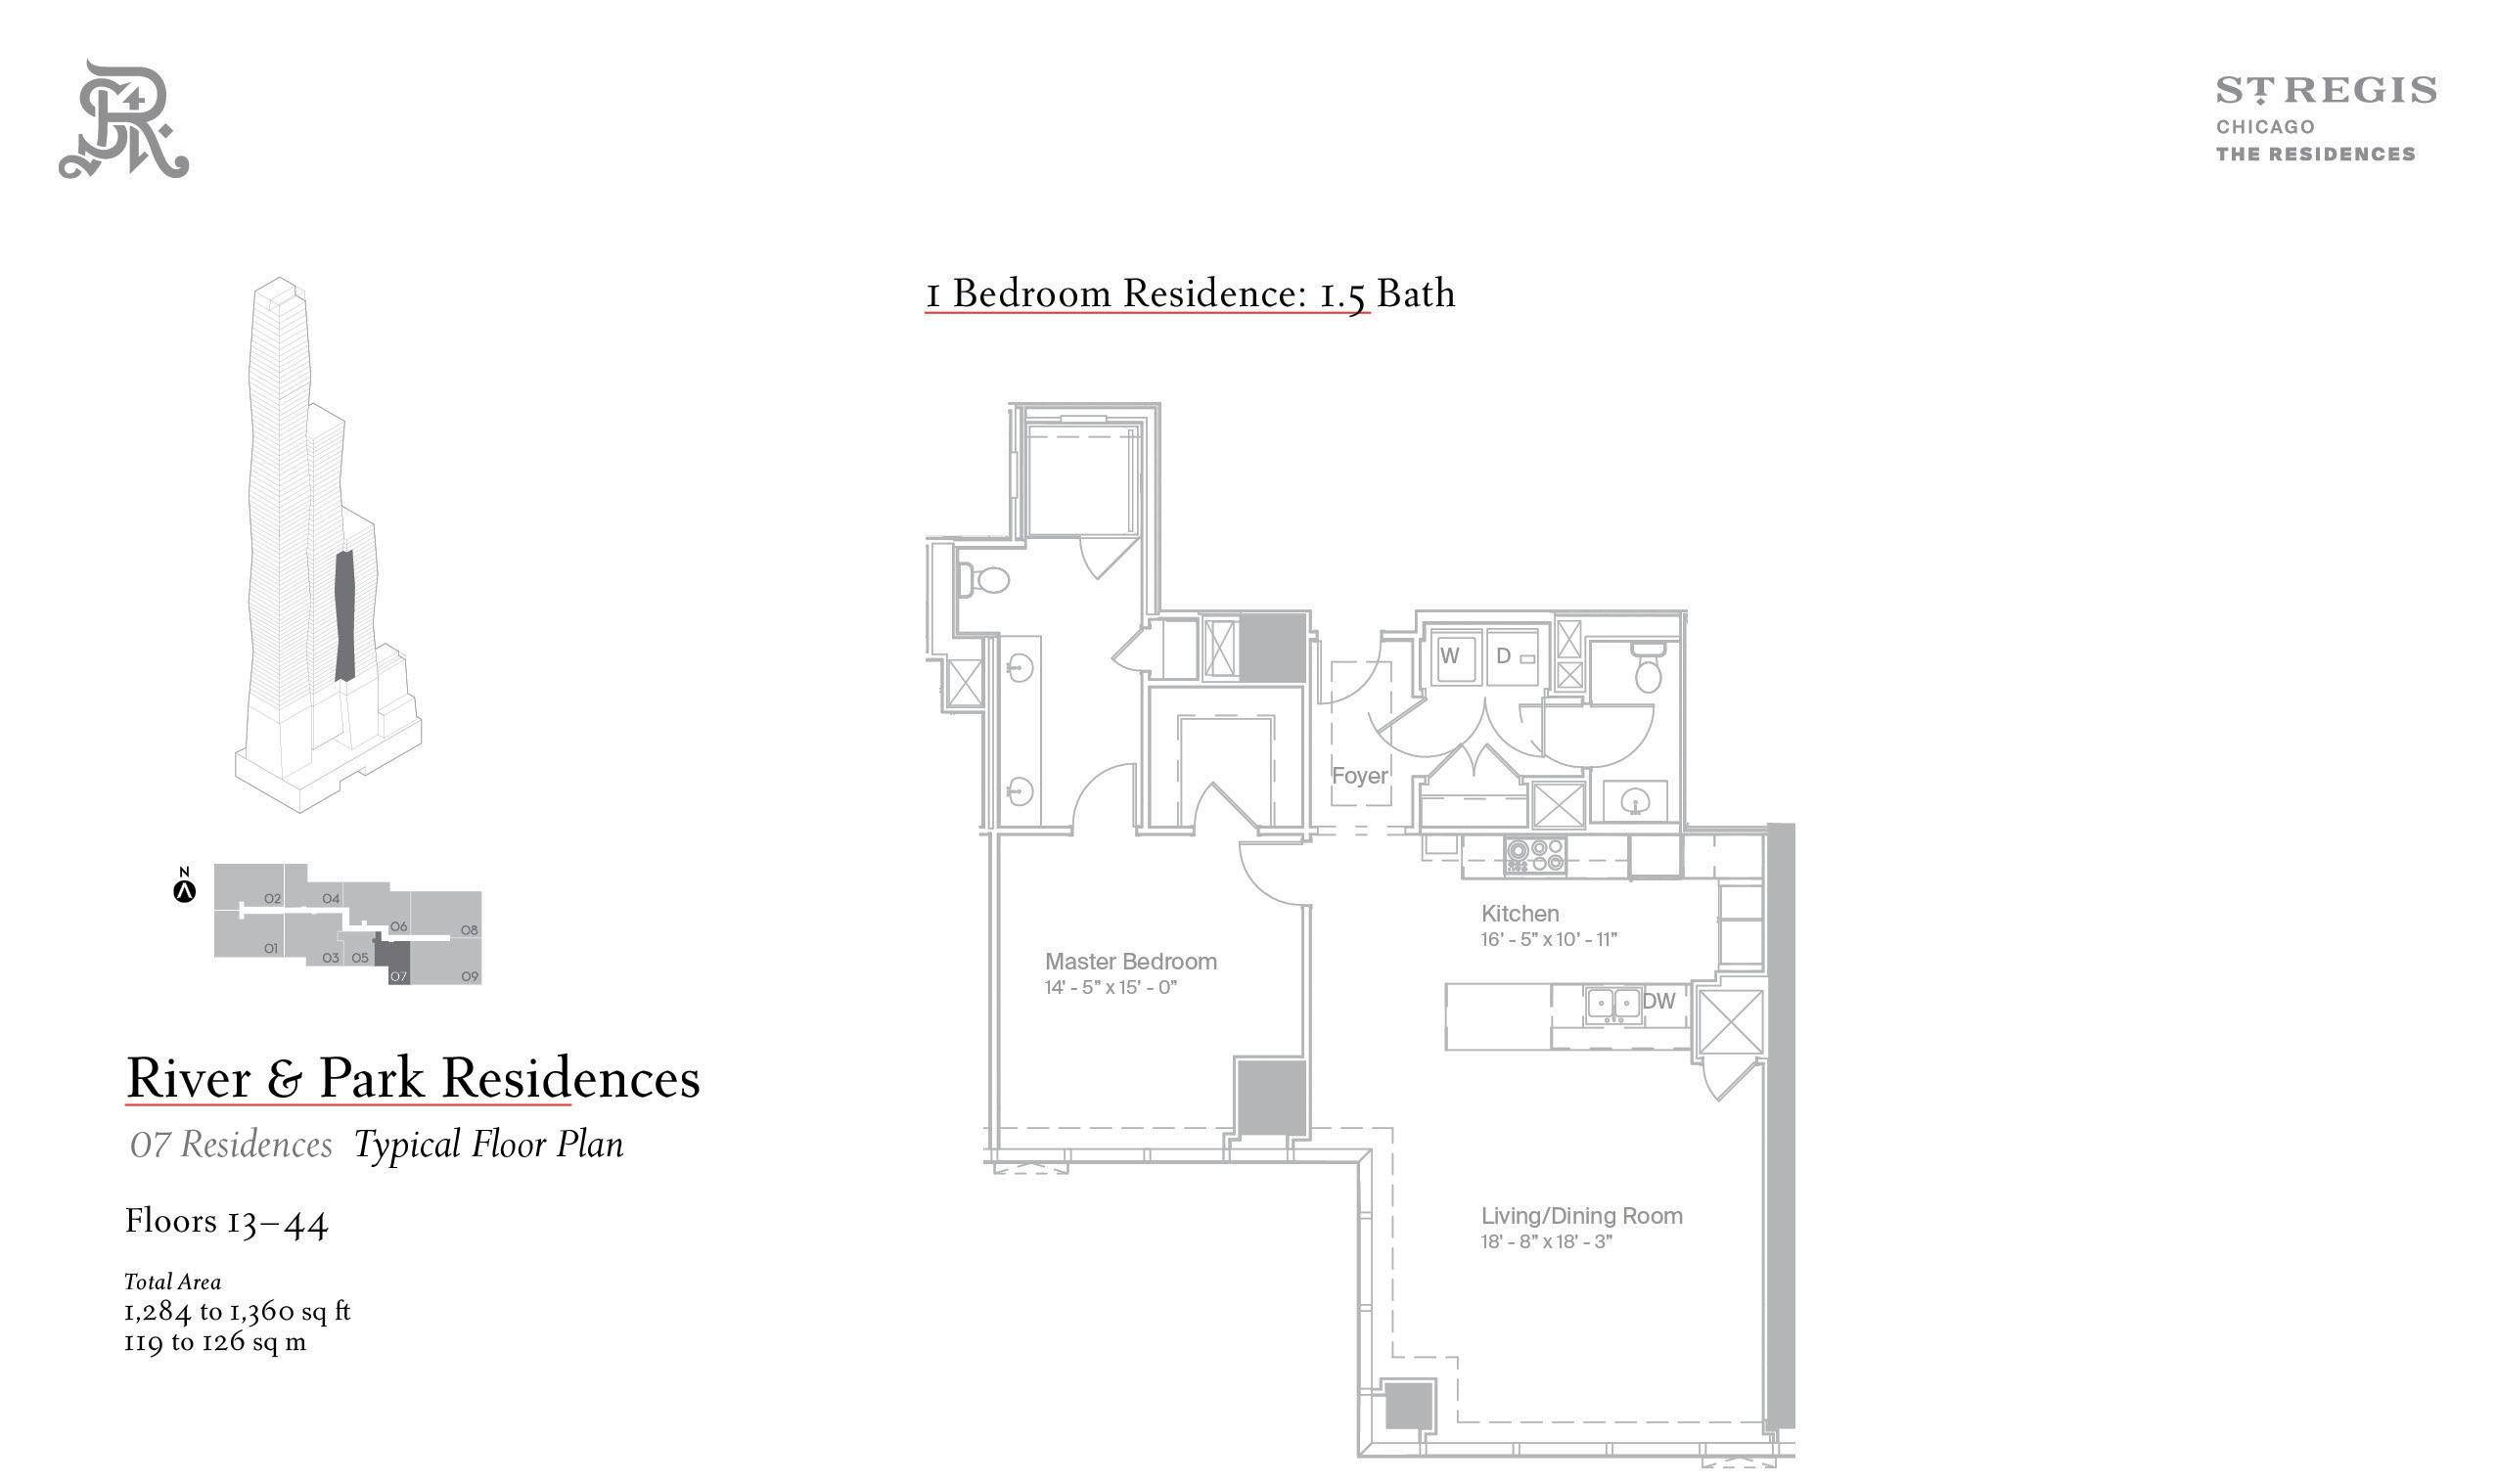 Sample one-bed floor plan